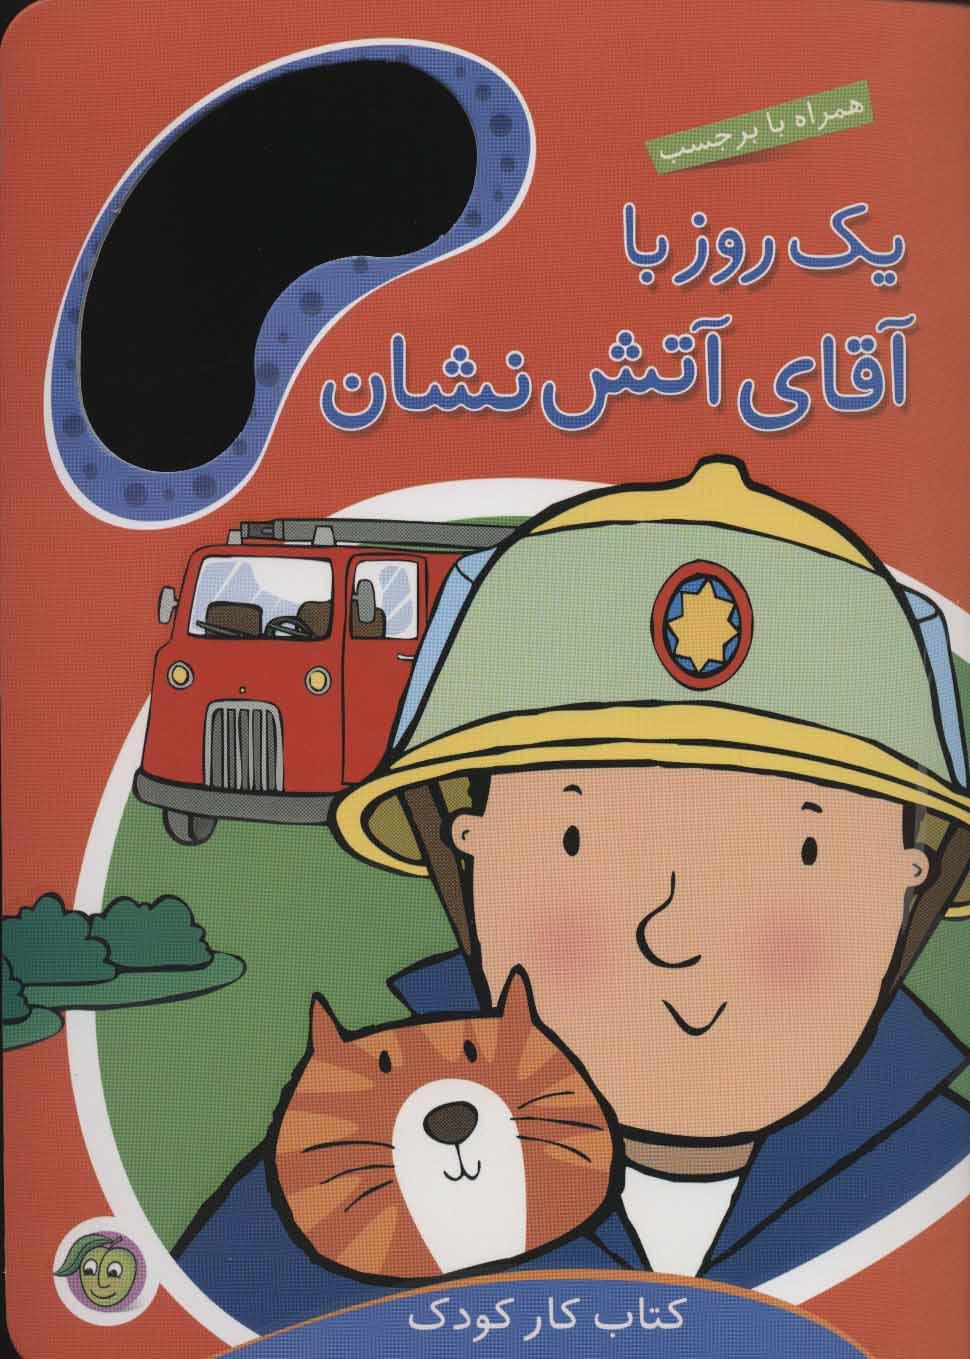 یک روز با آقای آتش نشان (همراه با برچسب)